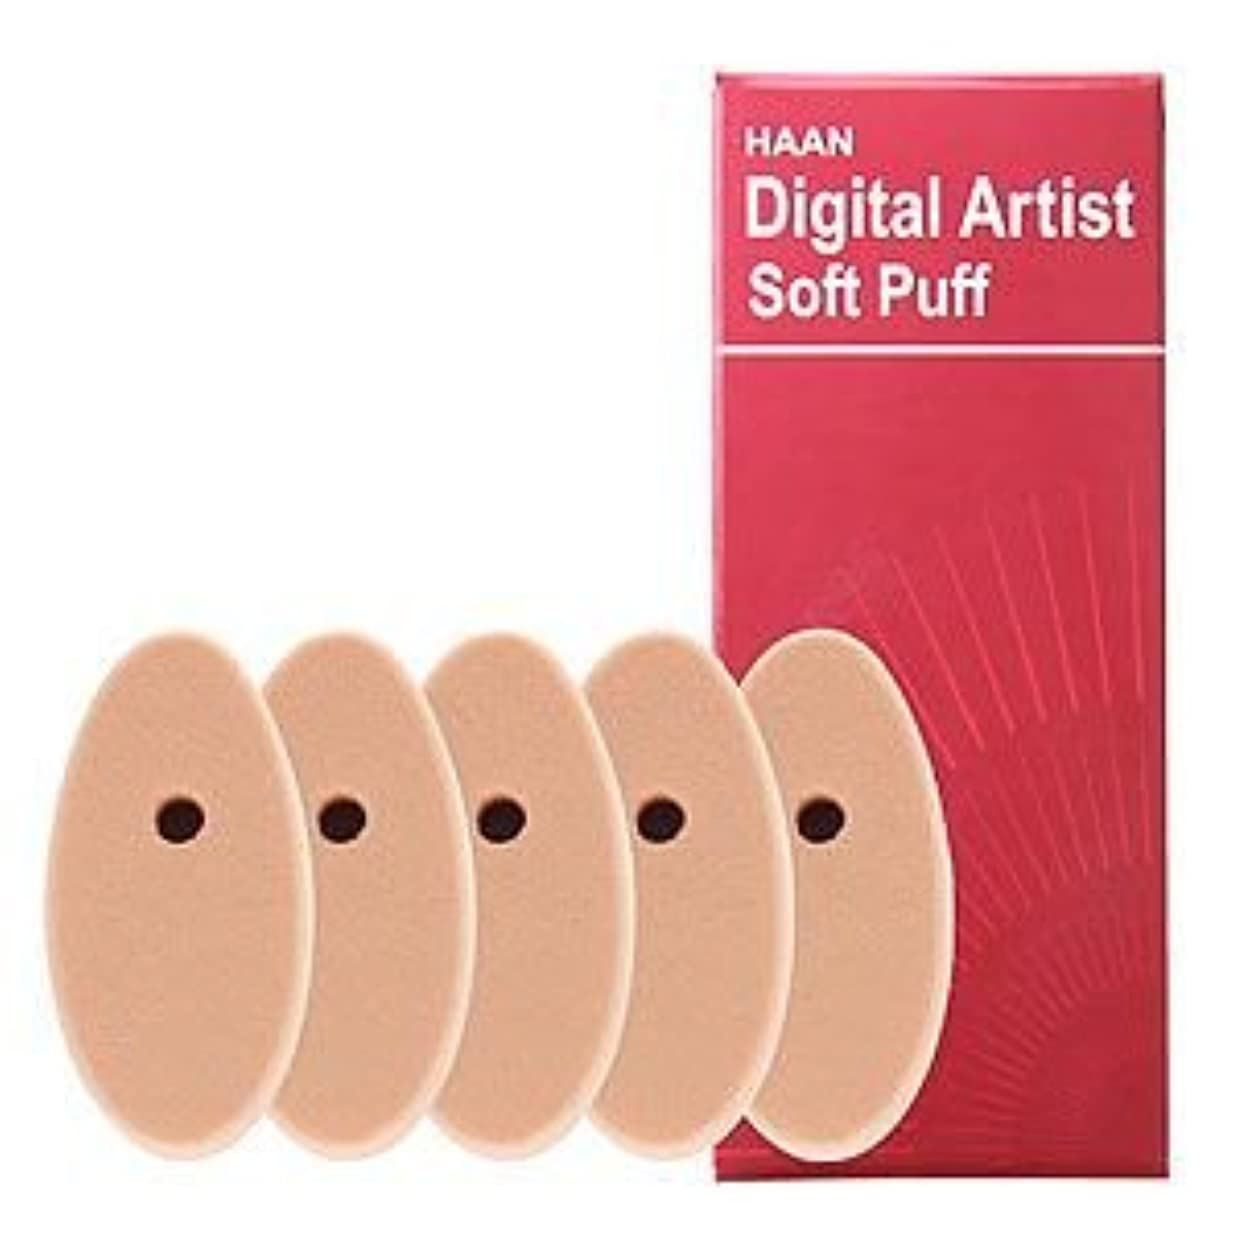 不忠一過性売り手HAANデジタルアーティストHAANデジタルアーティスト専用ソフトパフ5個